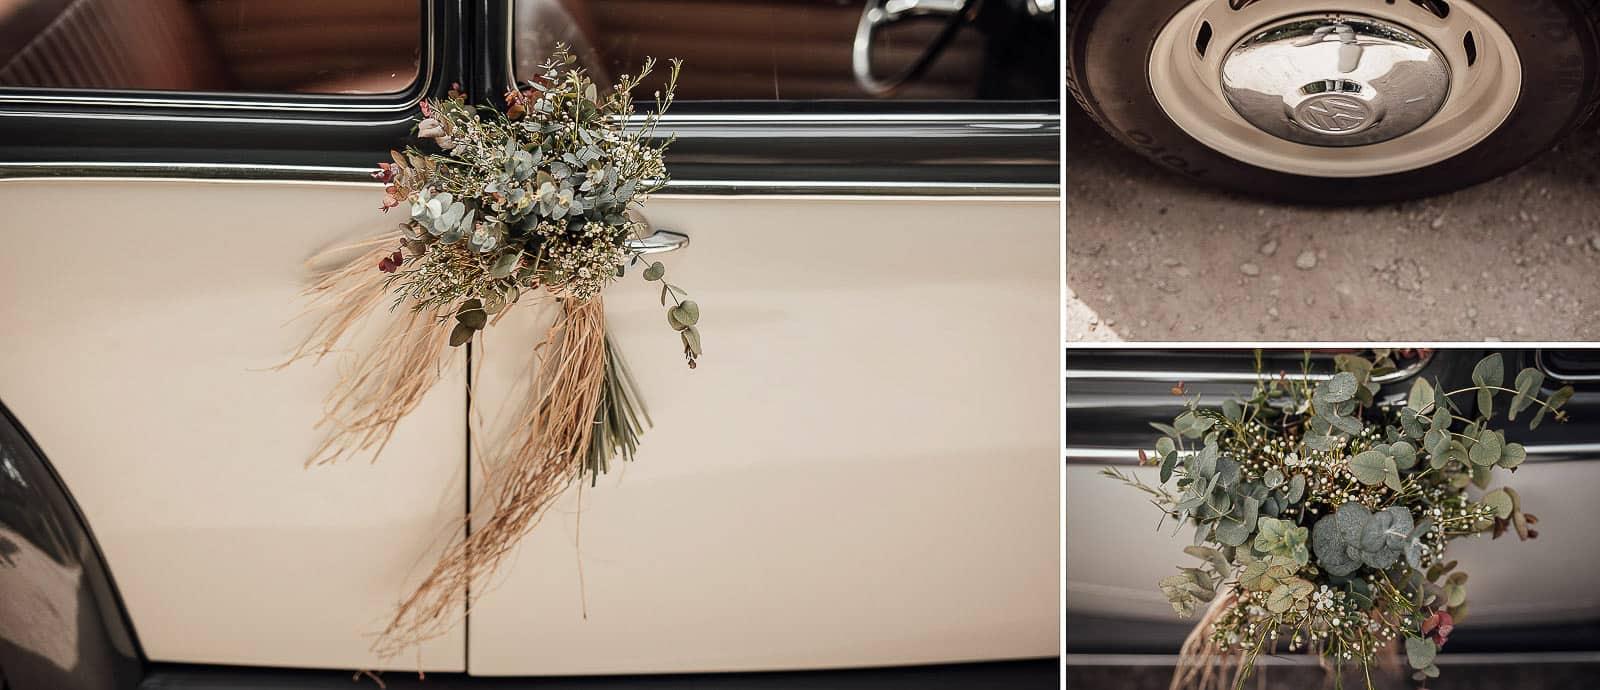 detalles coche volkswagen flores fernando hijo